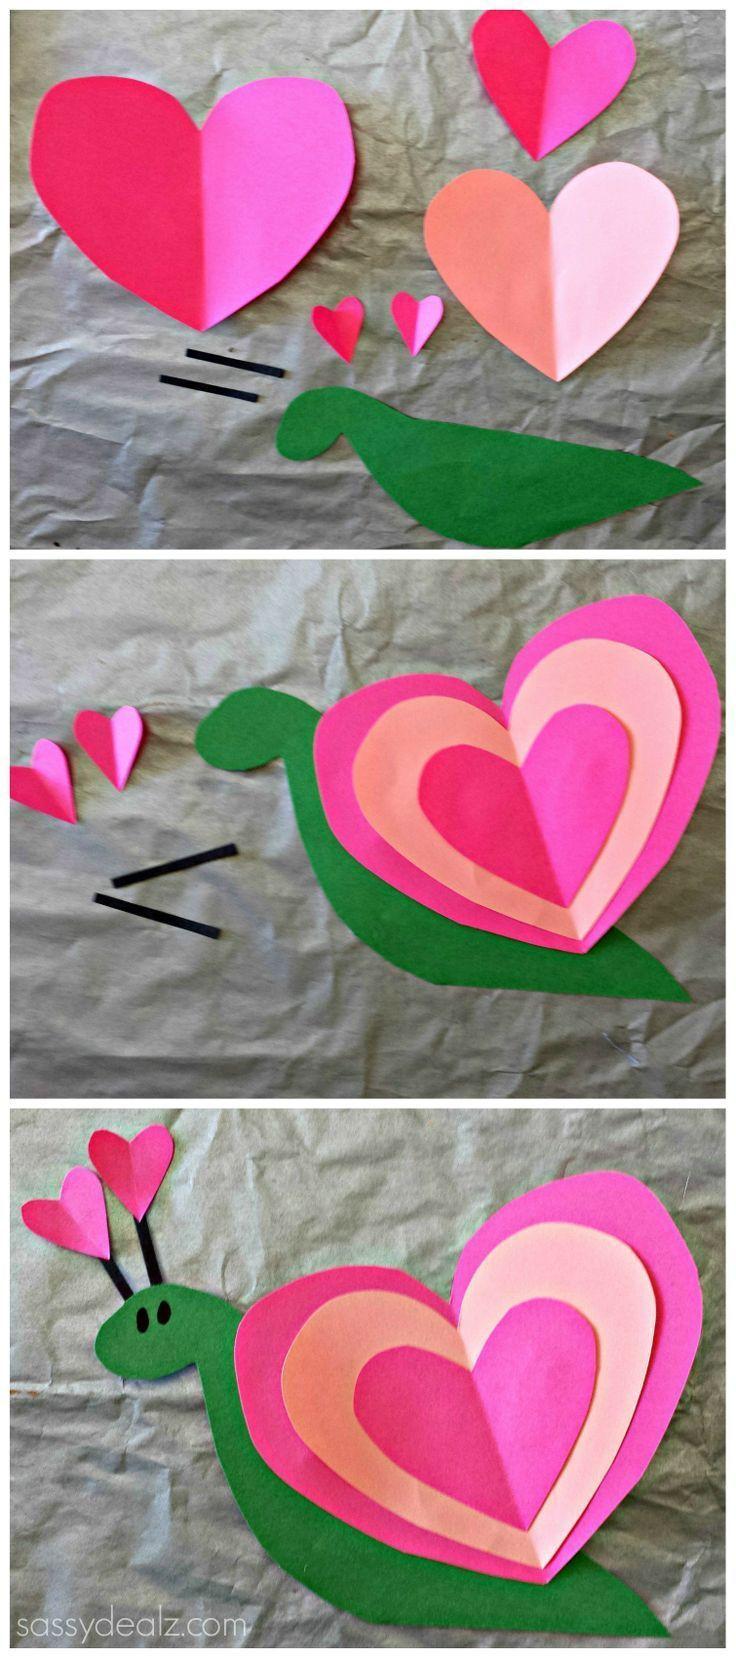 Valentine Crafts Ideas For Preschoolers  204 best Preschool Valentine s Day Crafts images on